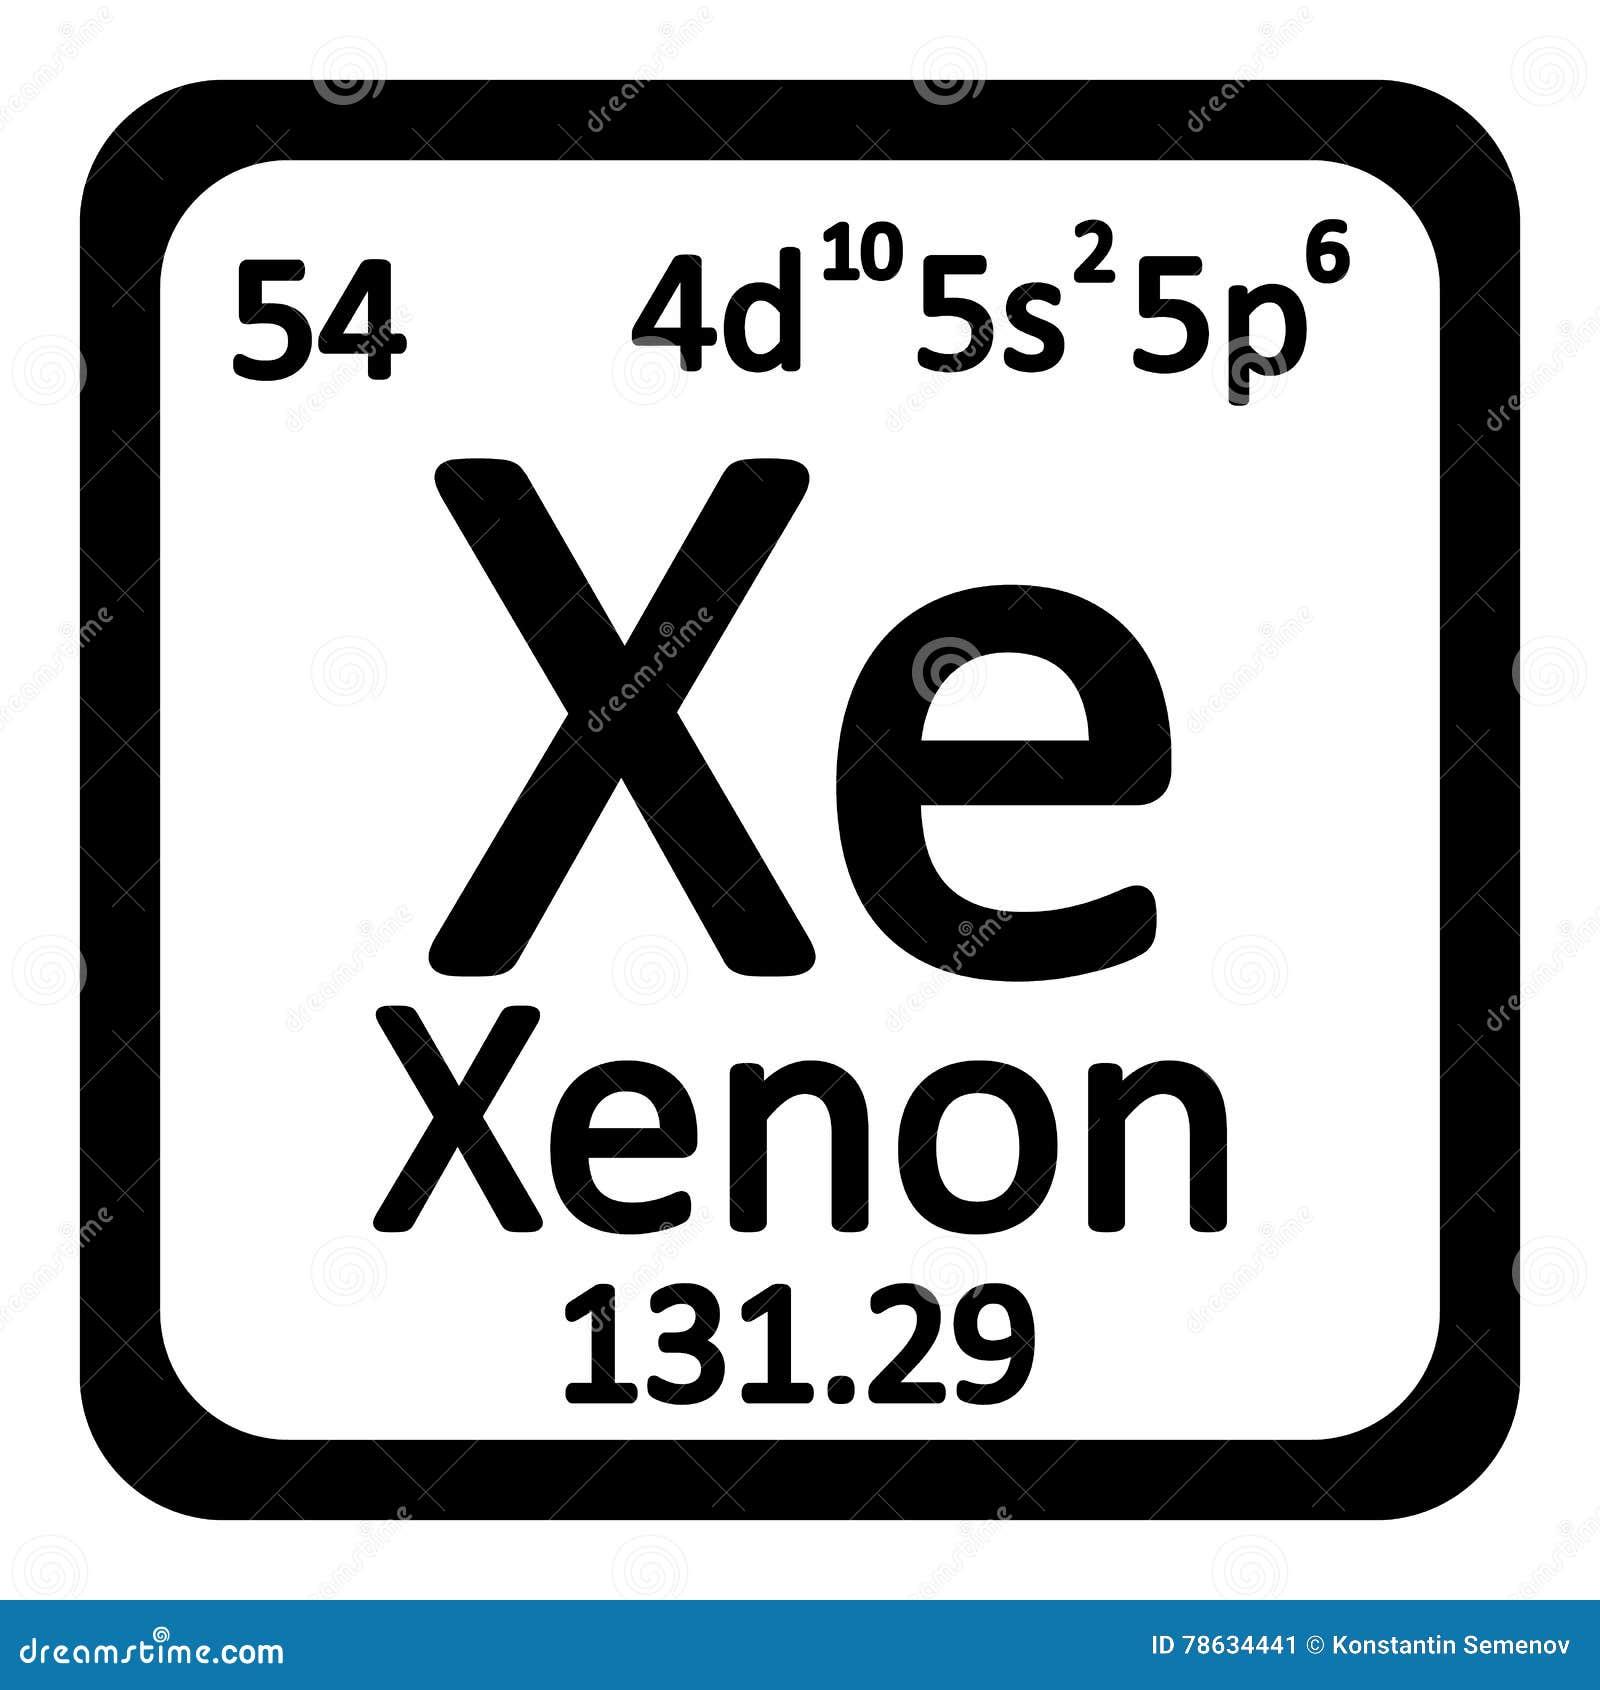 Icono del xenn del elemento de tabla peridica stock de icono del xenn del elemento de tabla peridica urtaz Images